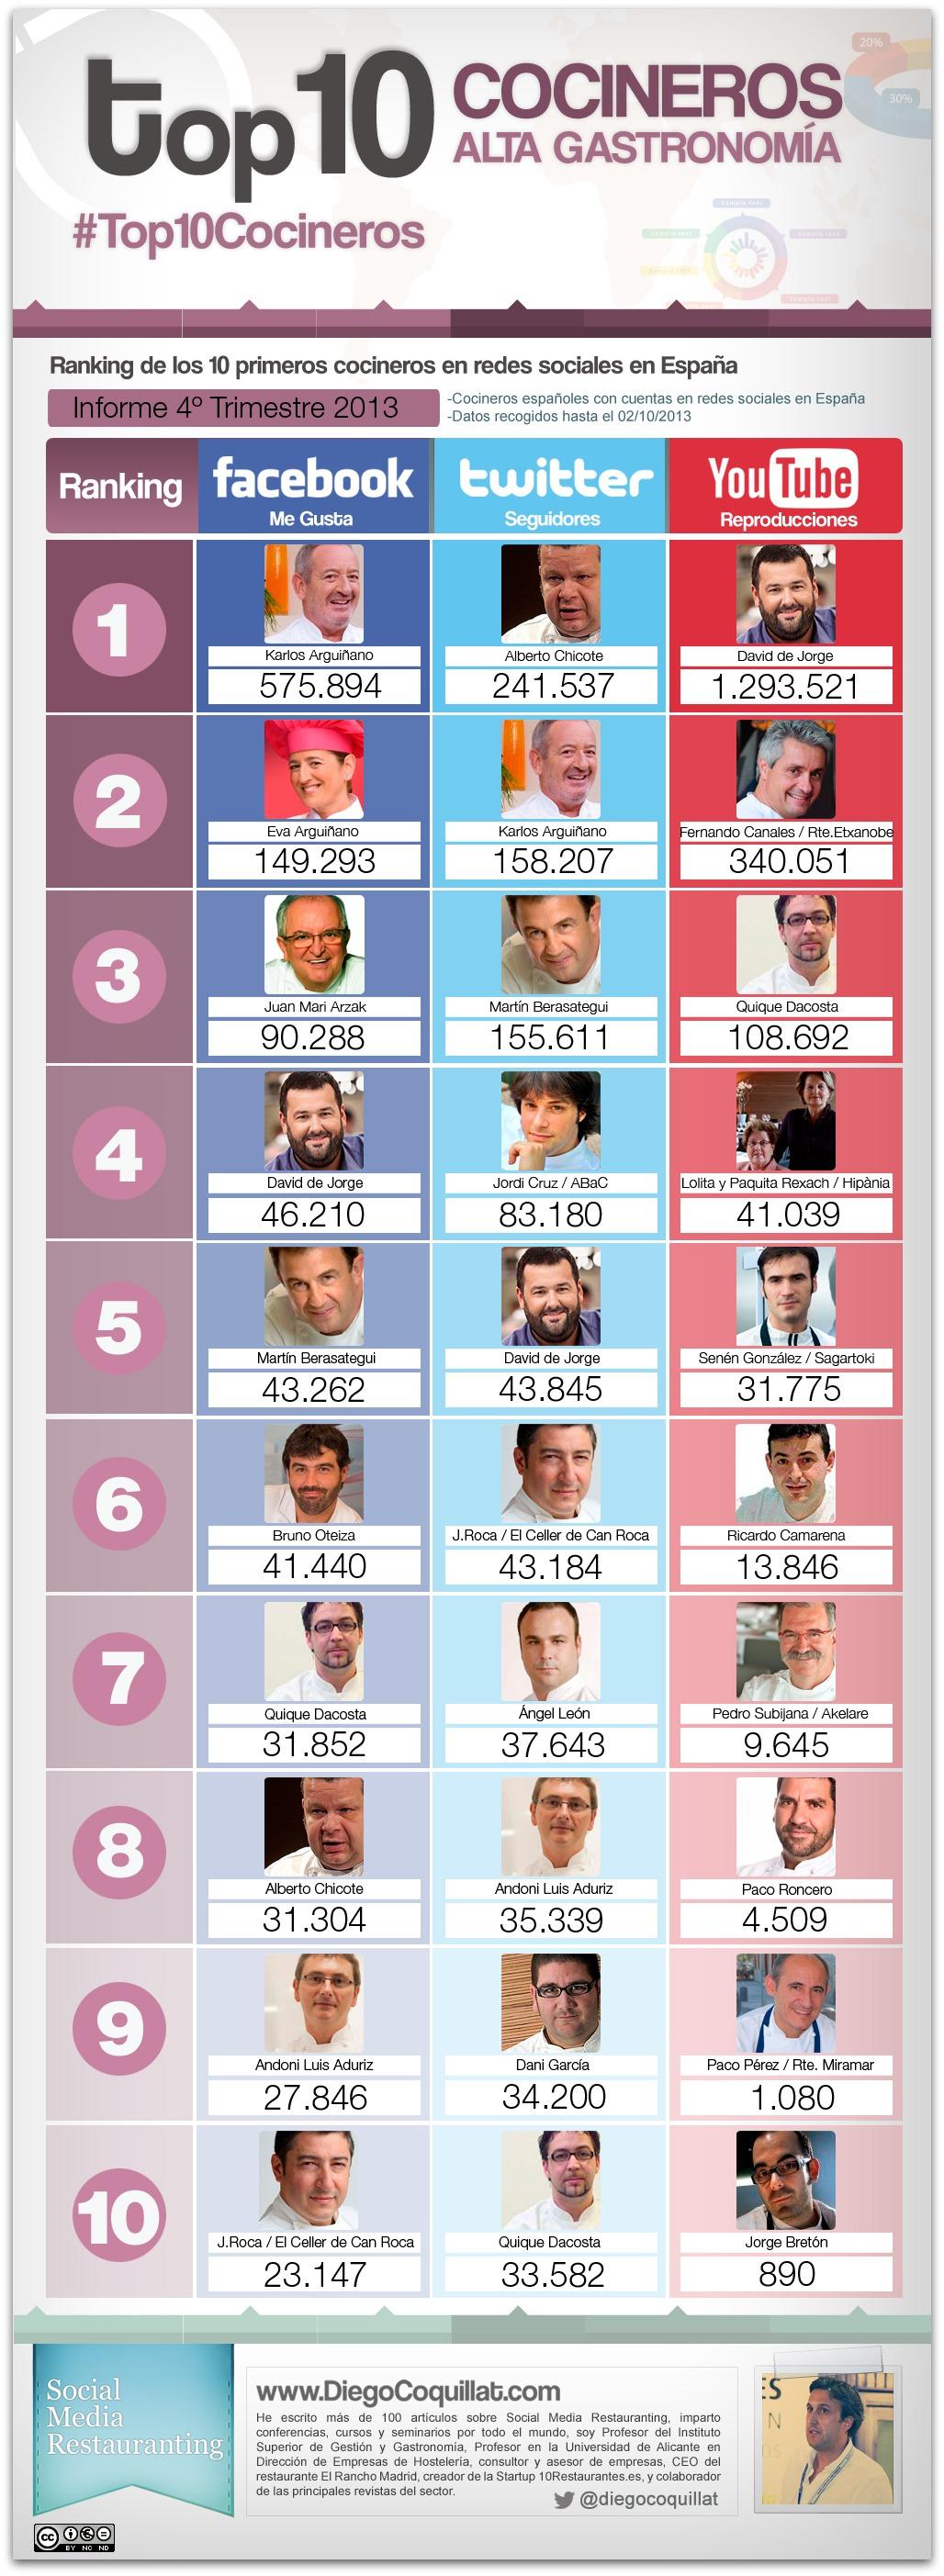 Los mejores cocineros en redes sociales del 2013 en España